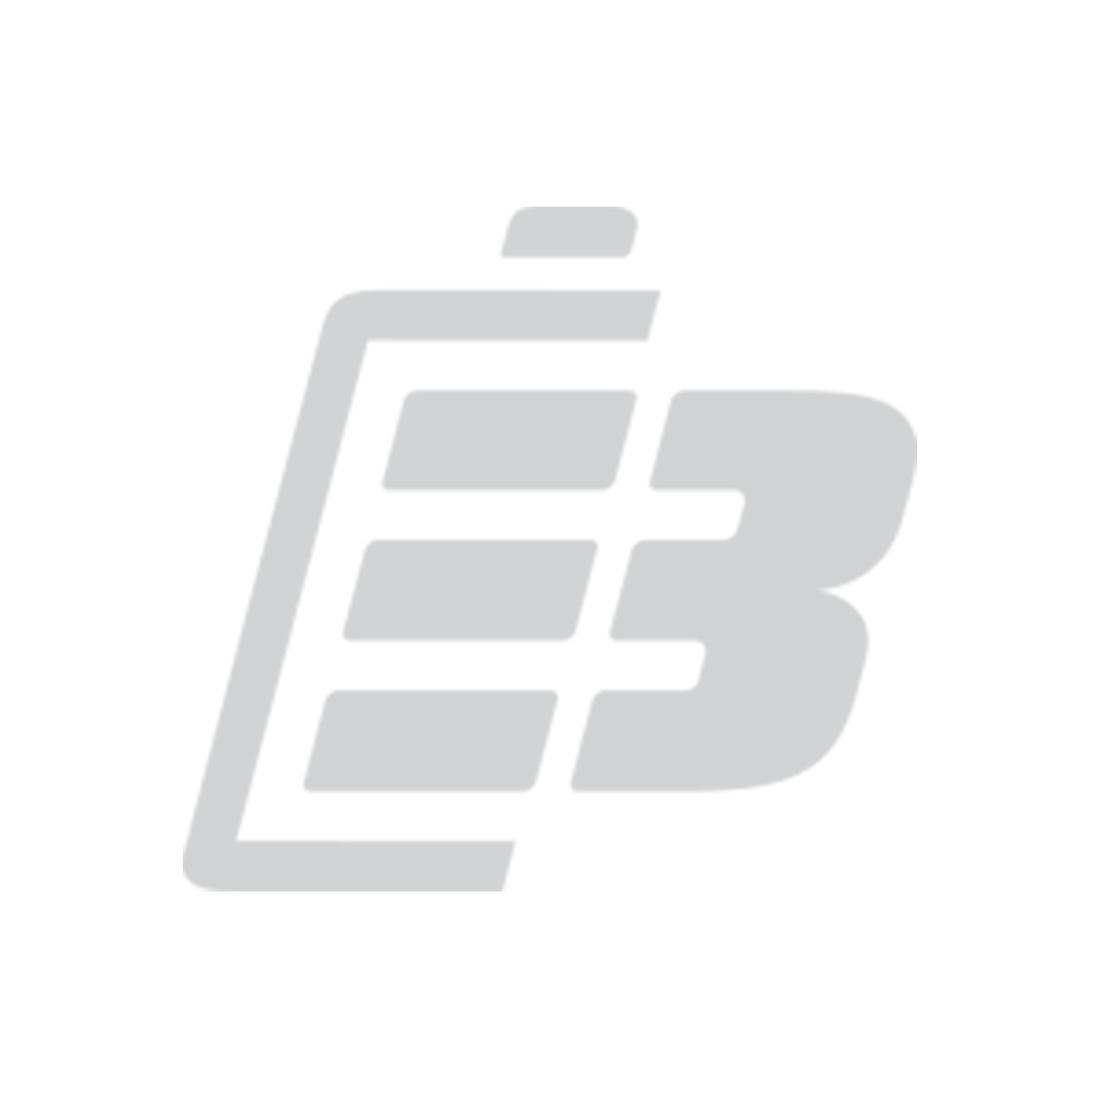 Μπαταρία φωτογραφικής μηχανής Konica Minolta NP-800_1